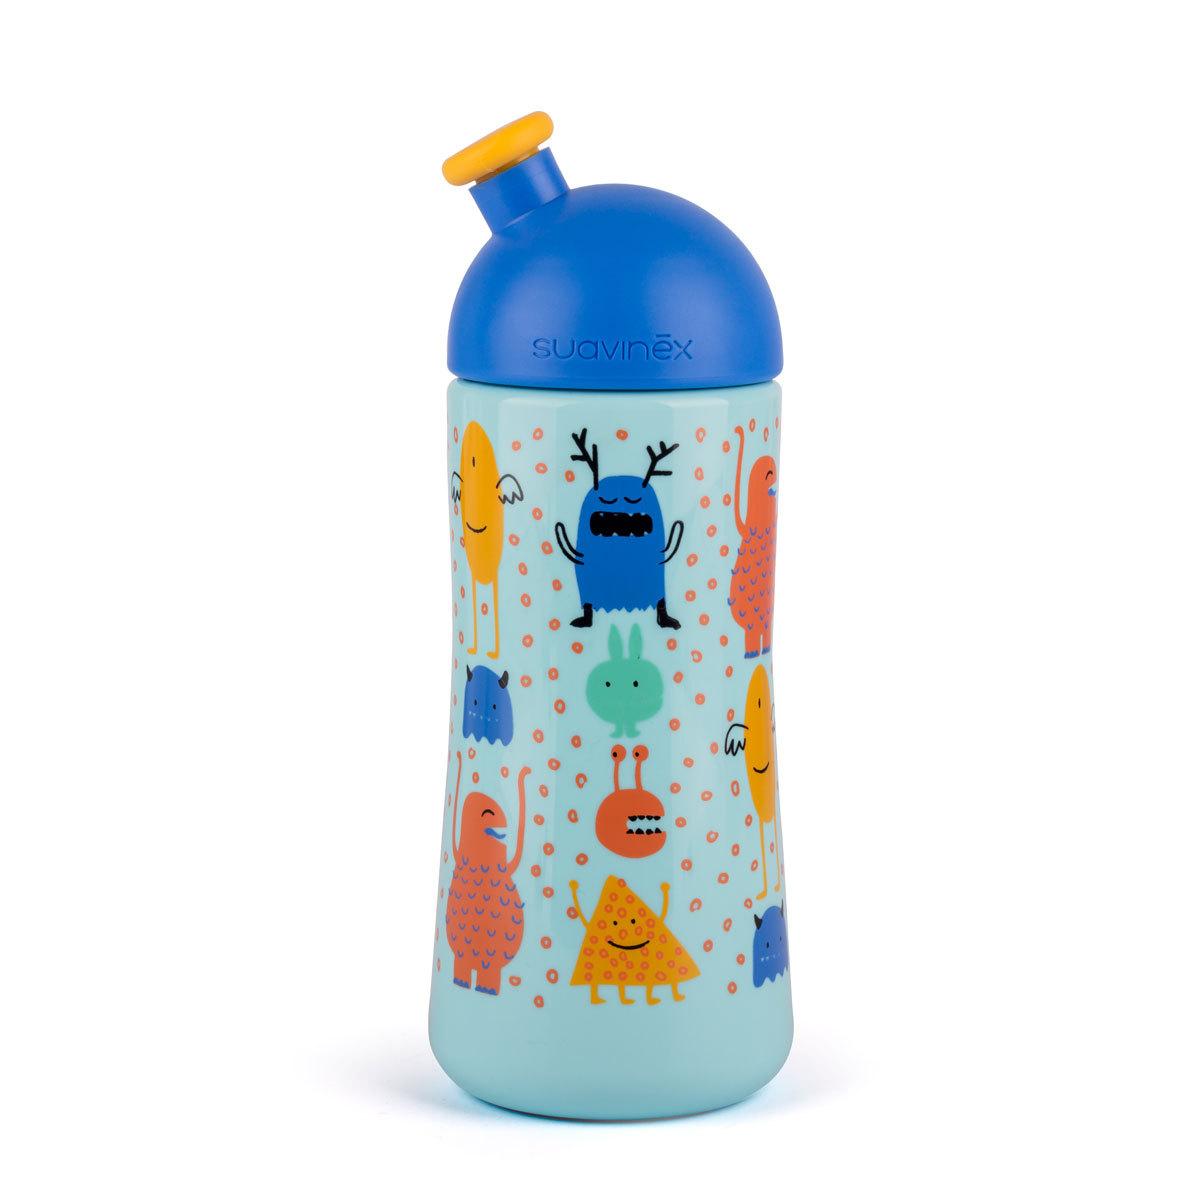 Biberon Bouteille Sport -270 ml Anti-fuites - +18 Mois - Bleu Bouteille Sport -270 ml Anti-fuites - +18 Mois - Bleu